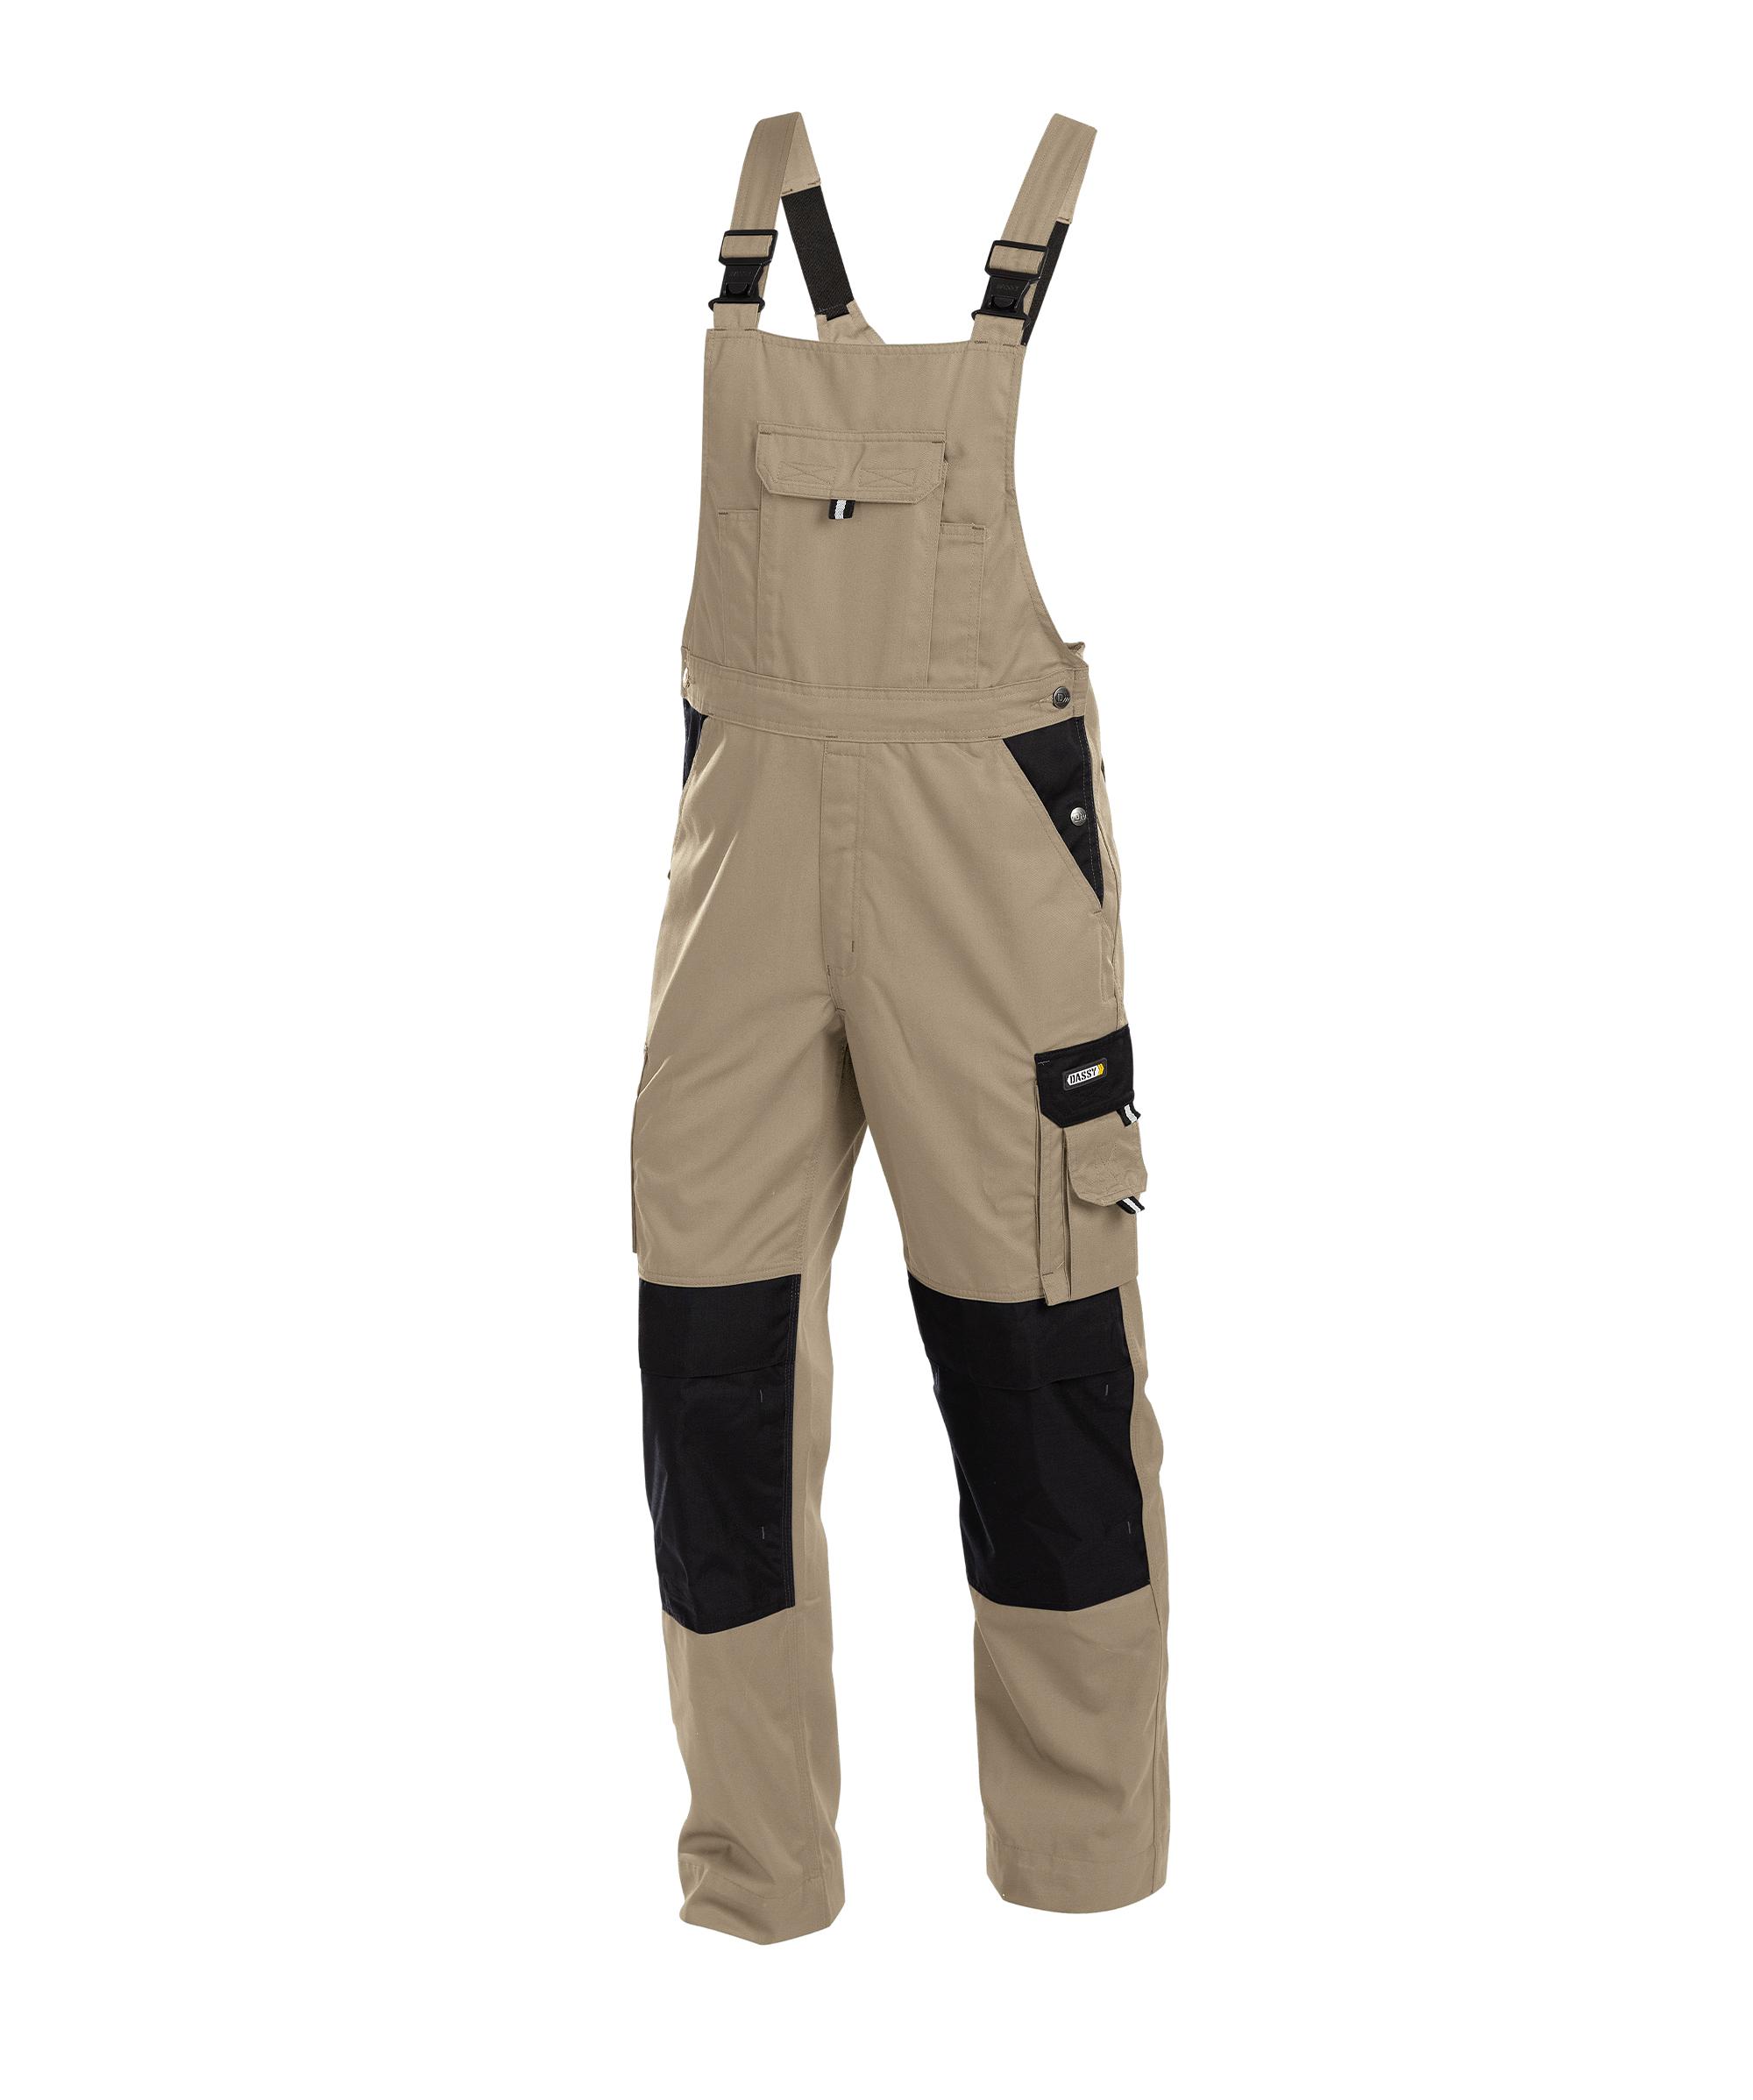 Dassy, Versailles zweifarbige Arbeitslatzhose mit Kniepolstertaschen 400124